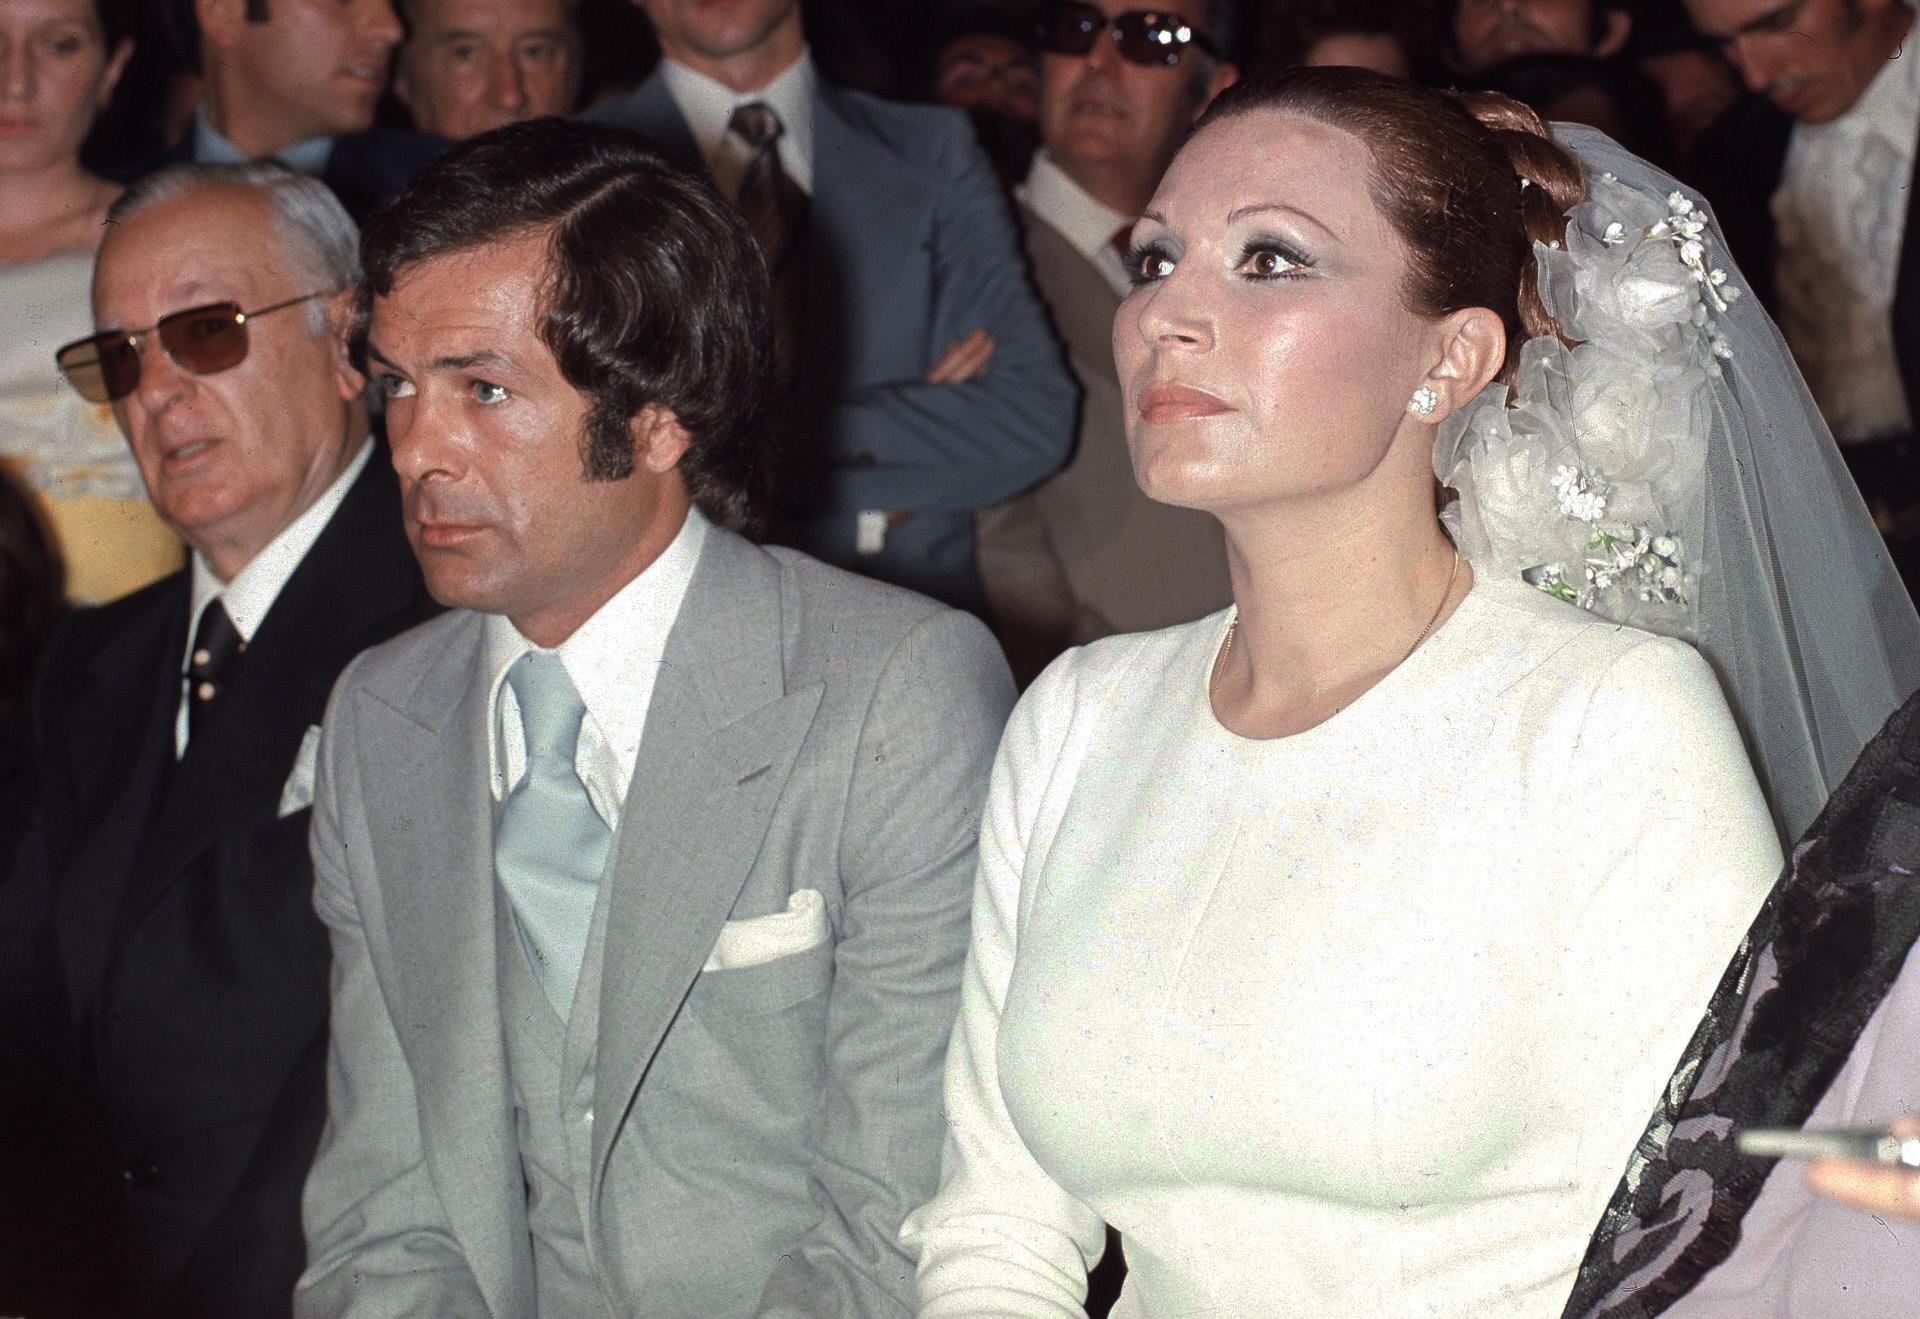 Pedro Carrasco y Rocío Jurado, el día de su boda, en el Santuario de la Virgen de Regla, Chipiona, Cádiz, en 1976.